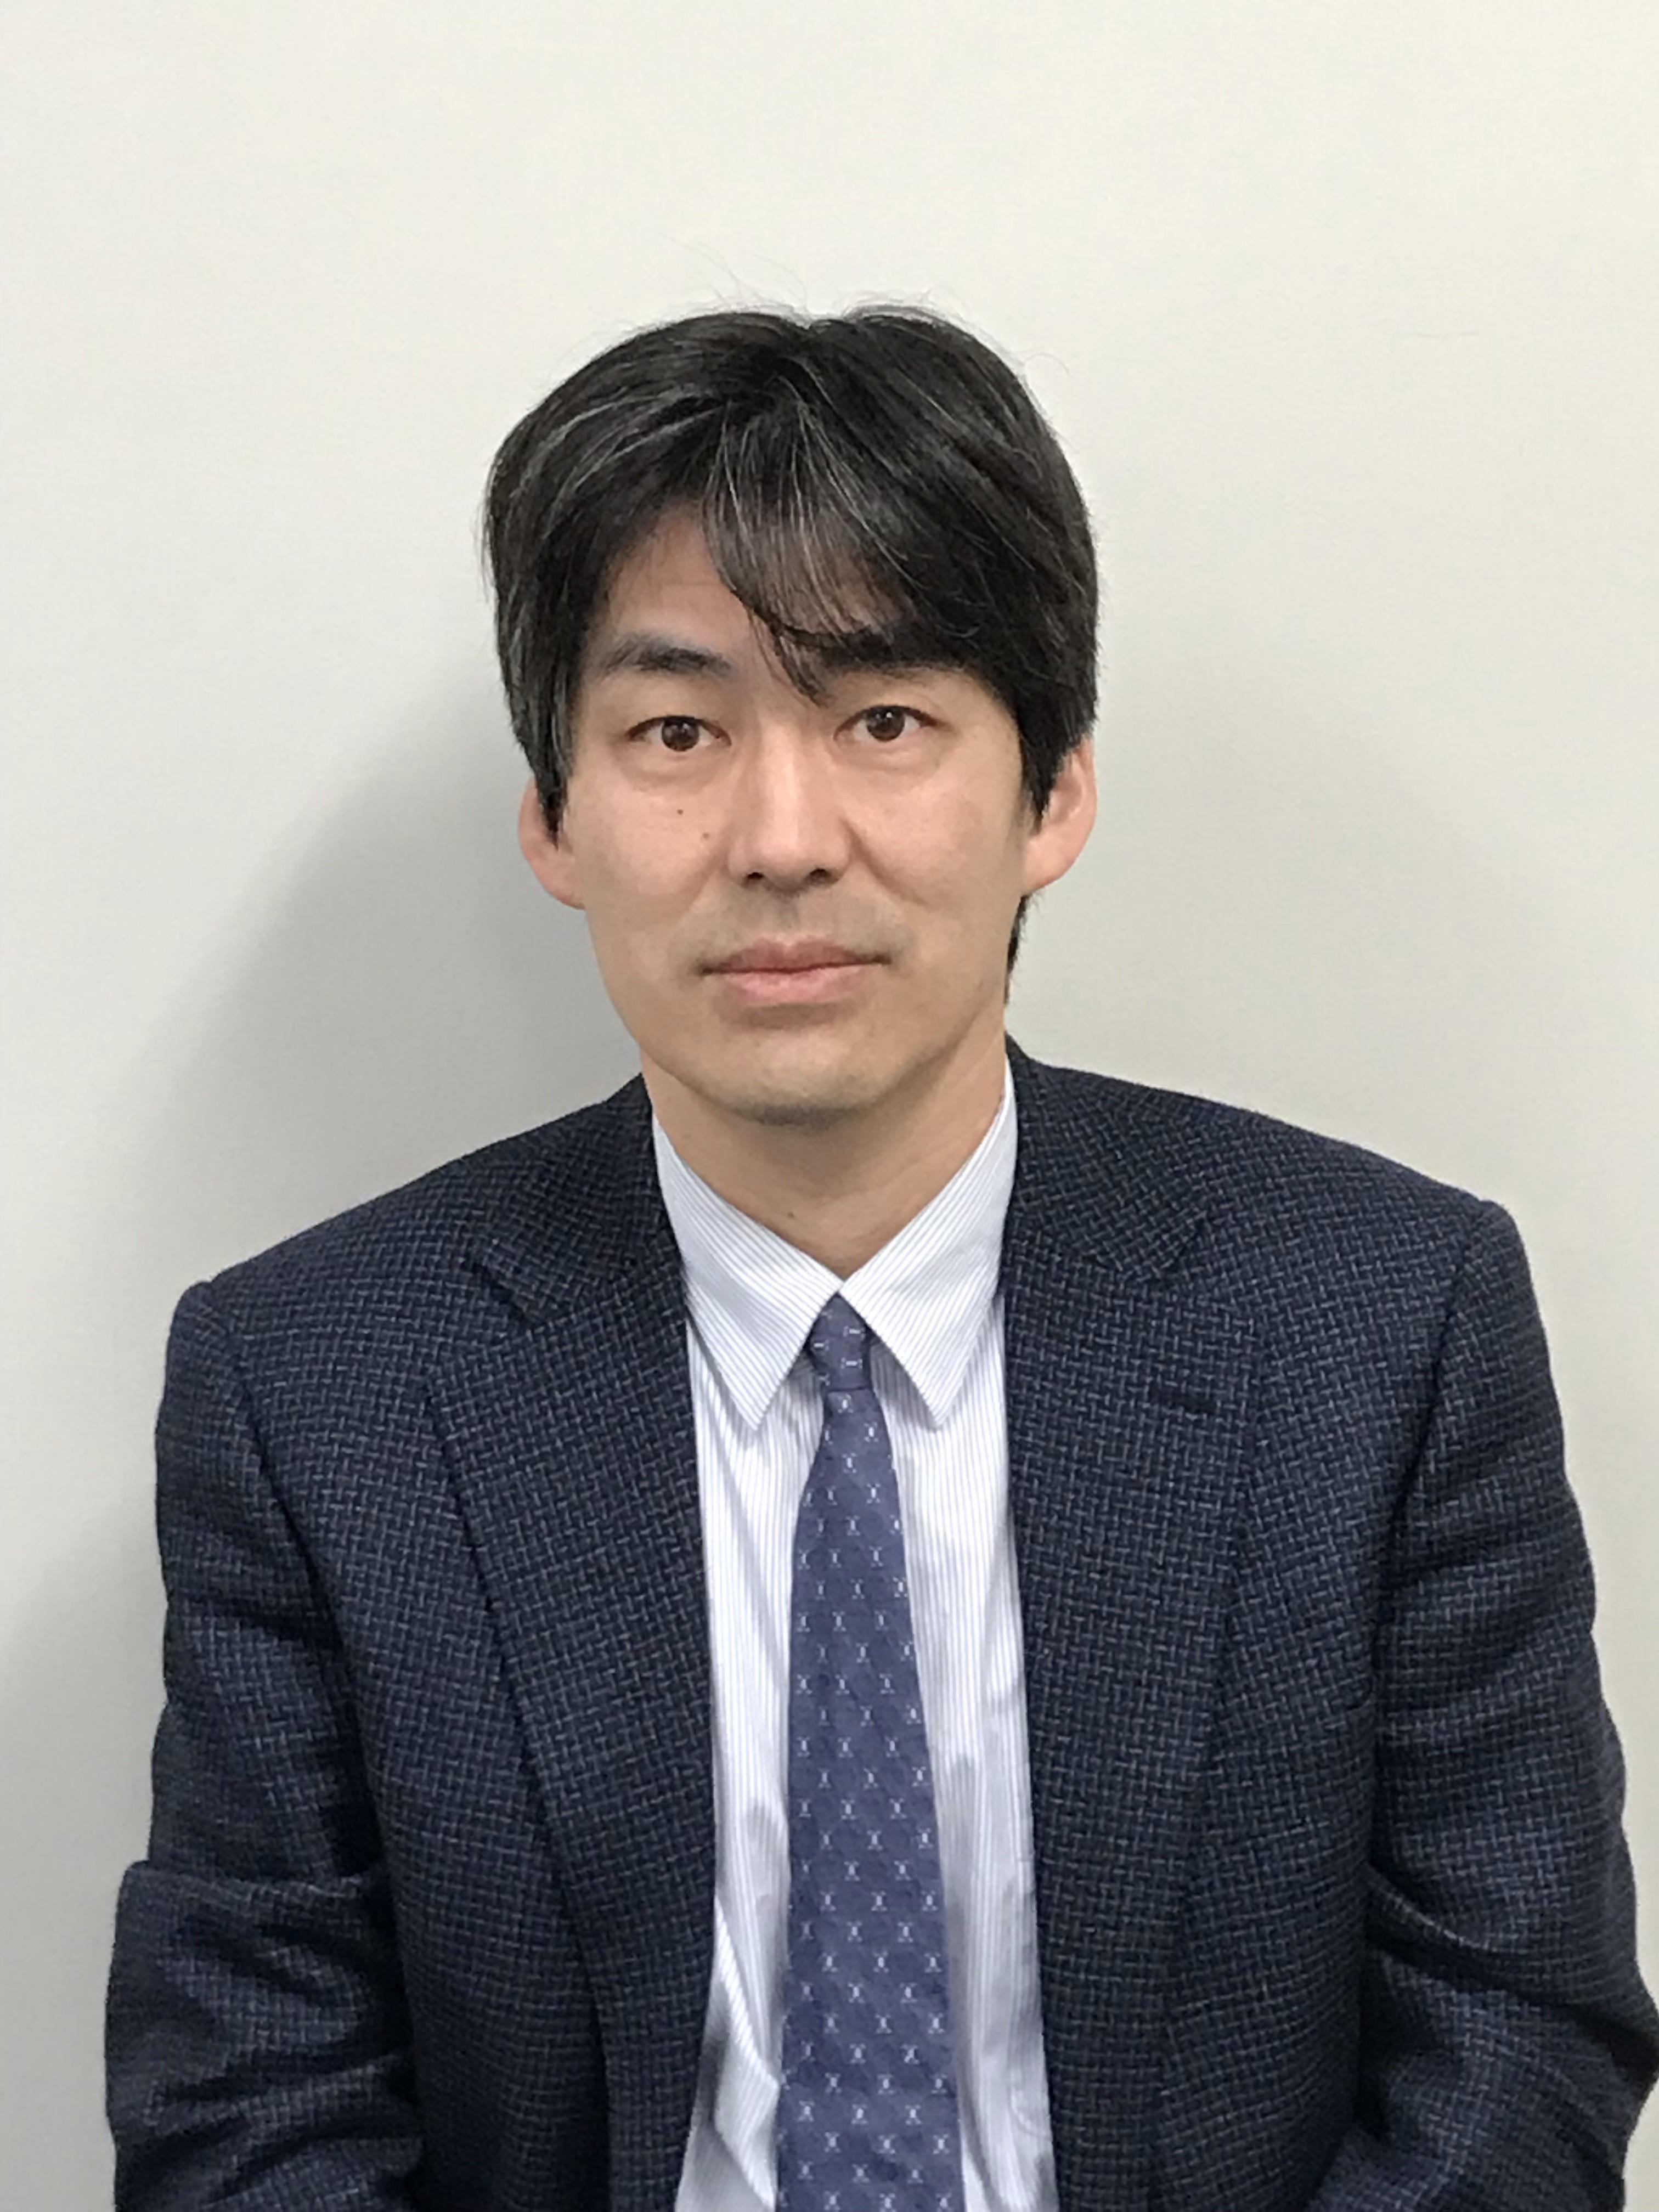 ご挨拶 中沢 洋三教授からのメッセージ